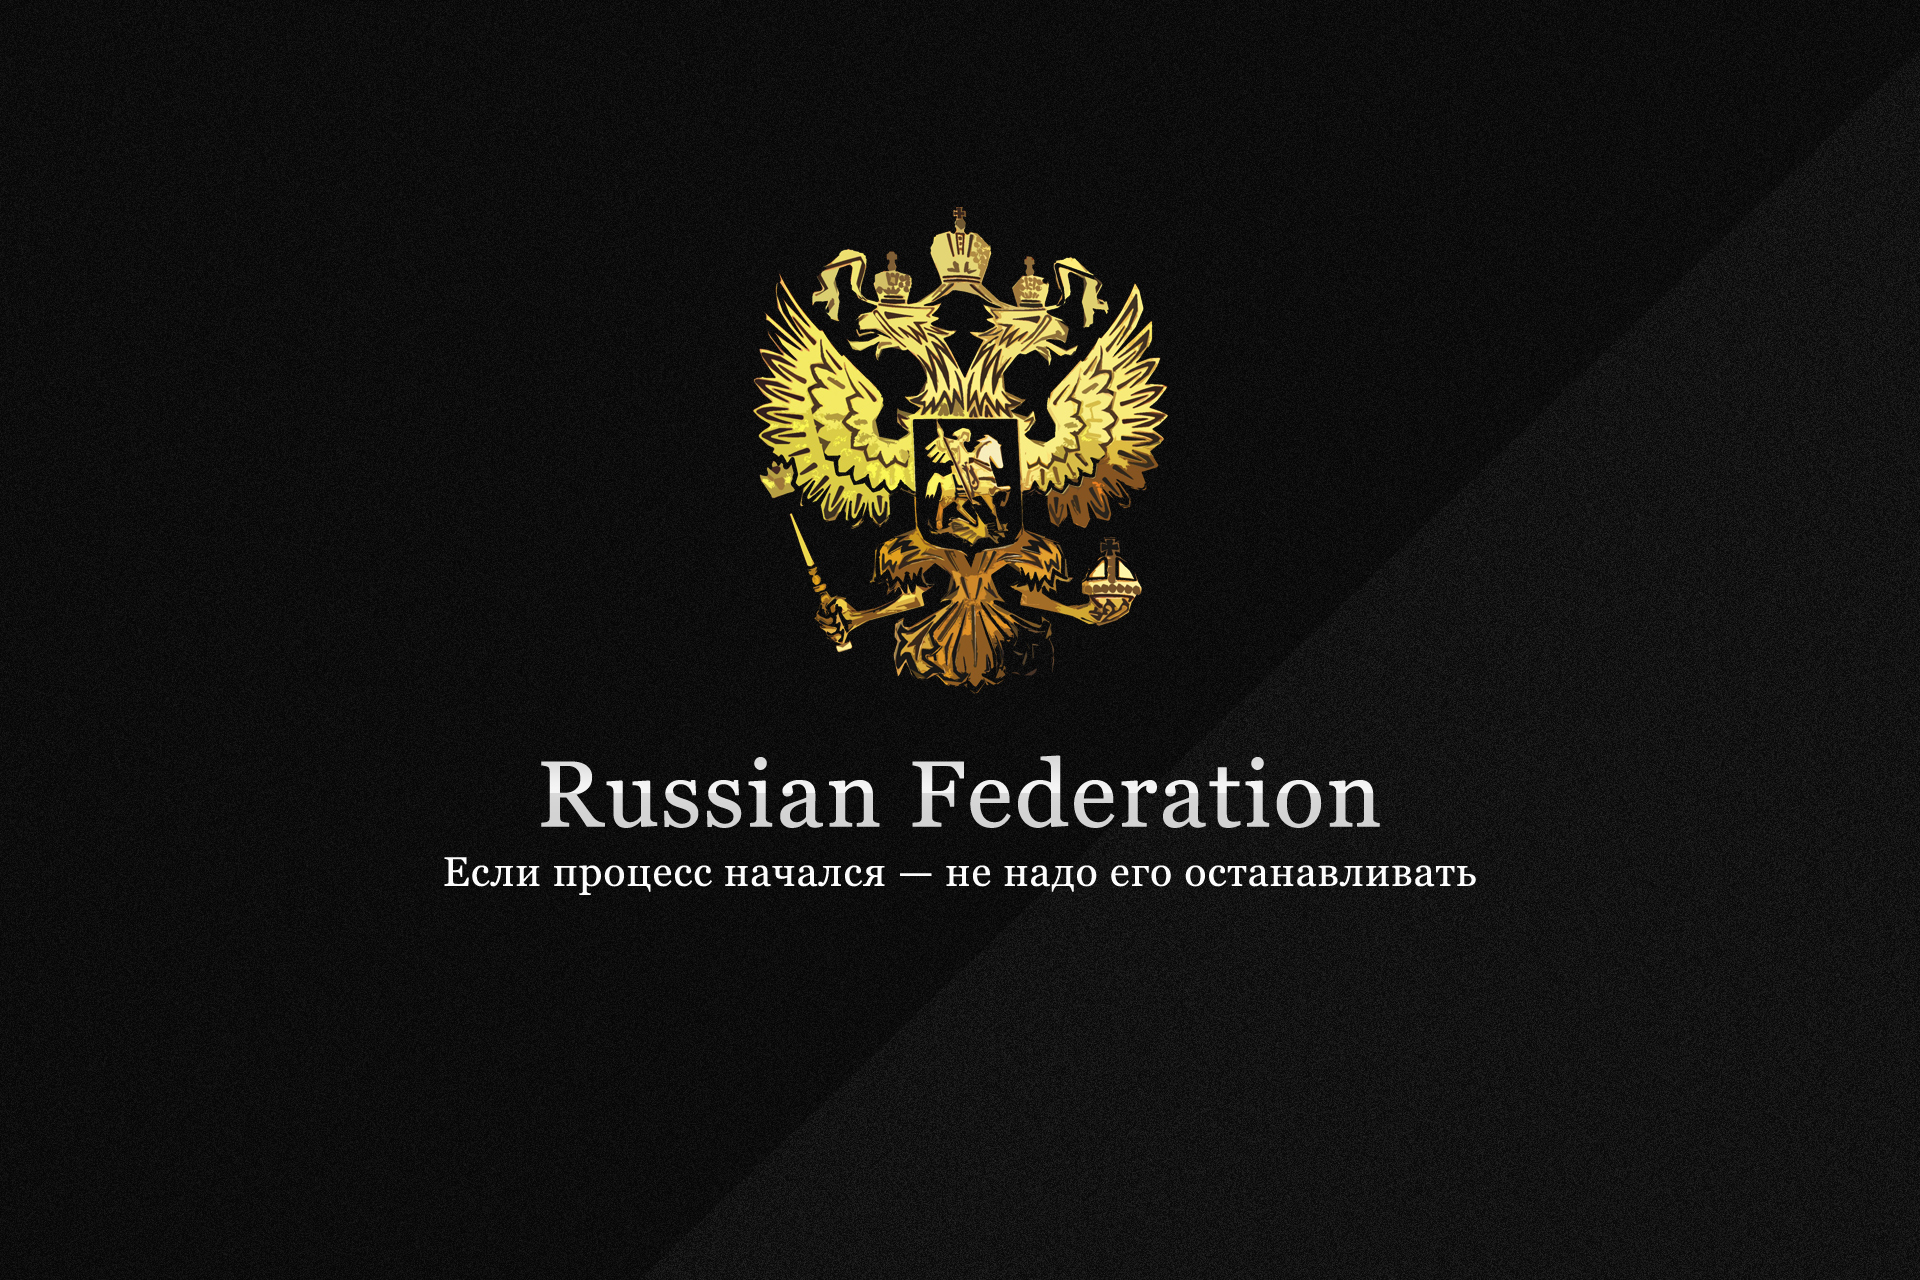 скачать обои на рабочий стол герб россии бесплатно 1366х768 № 170855 бесплатно